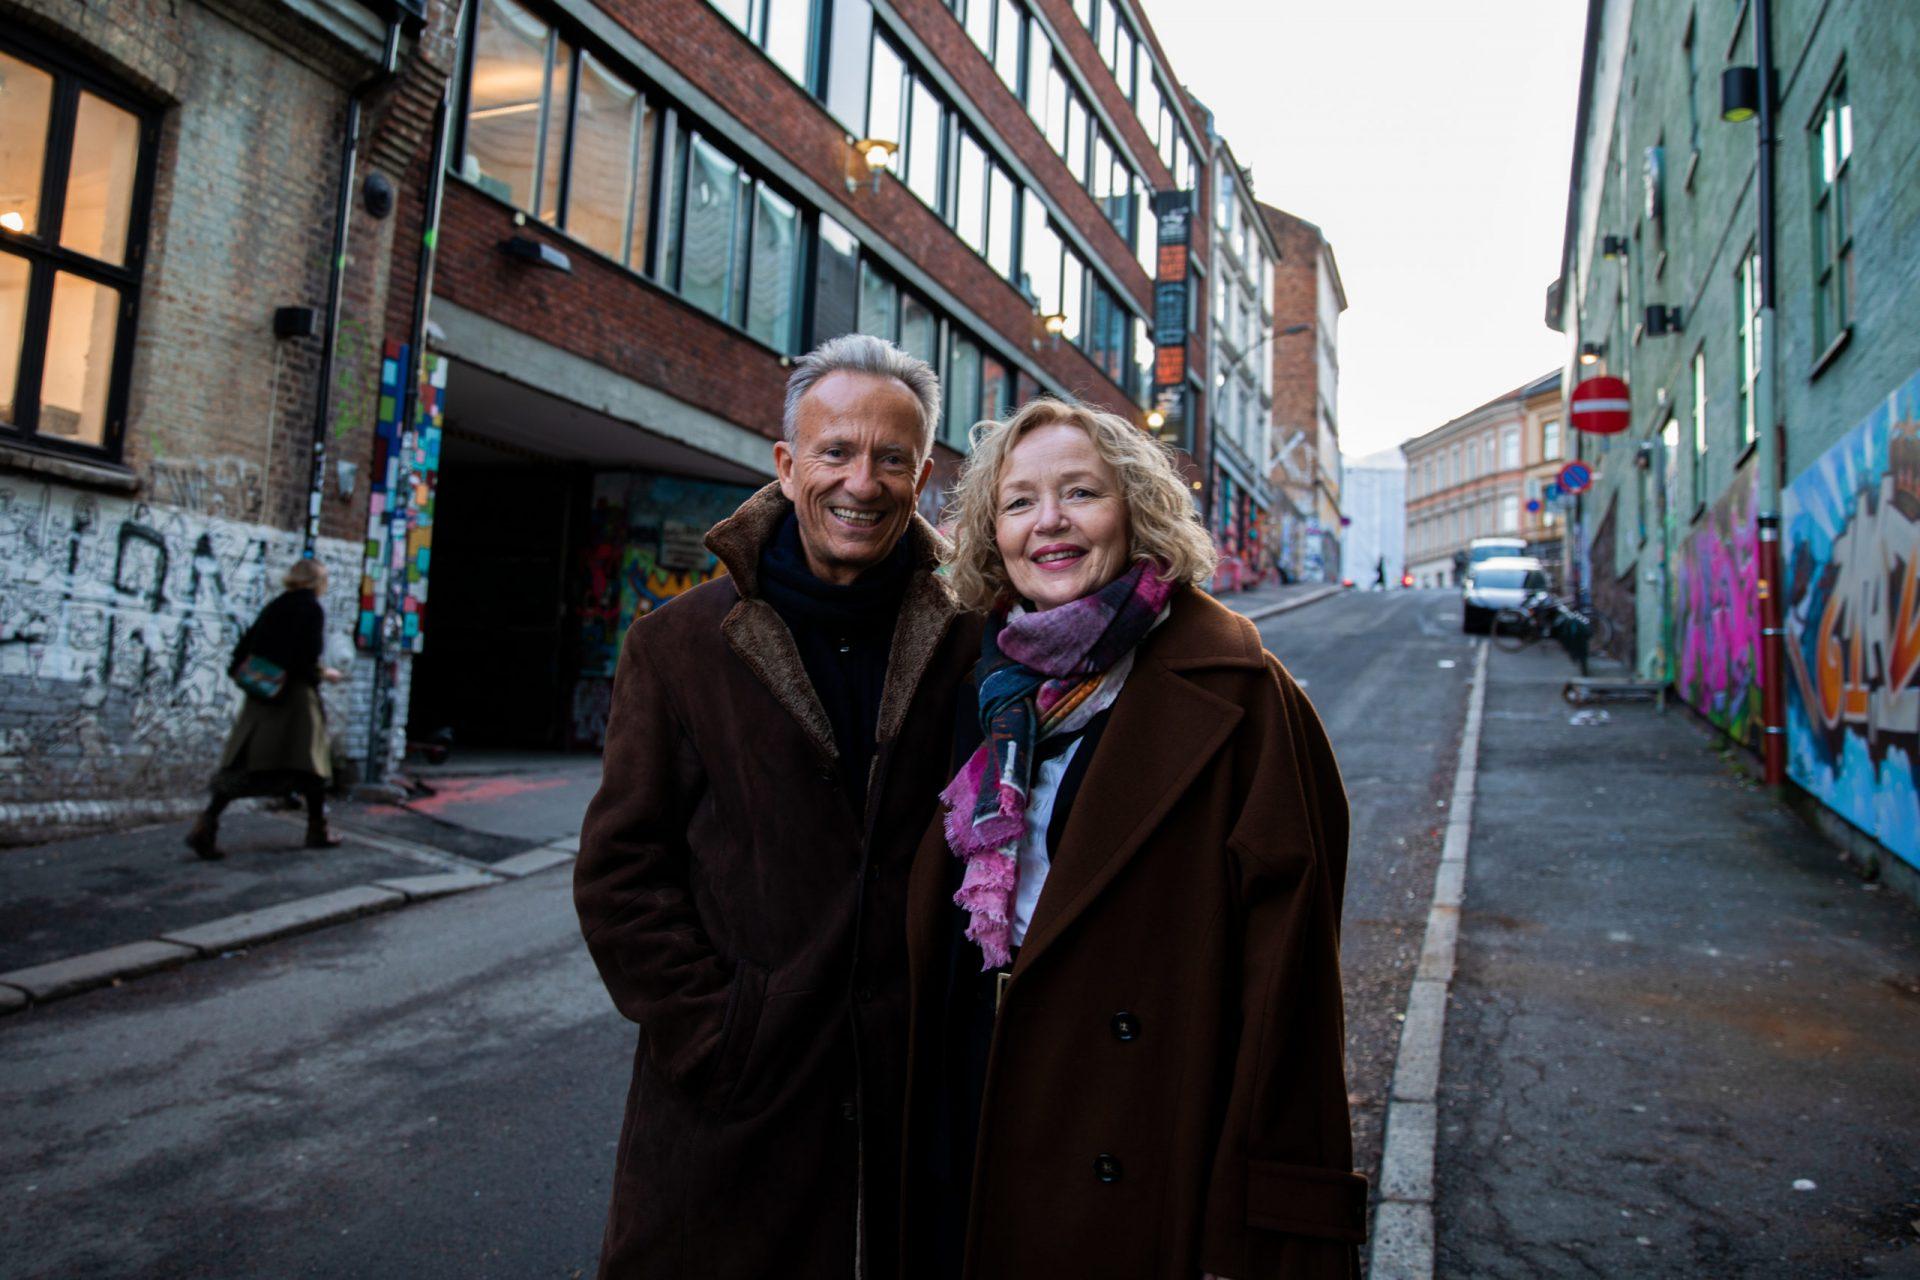 Mann og kvinne som står i en nedoverbakke i en av Oslos bakgater